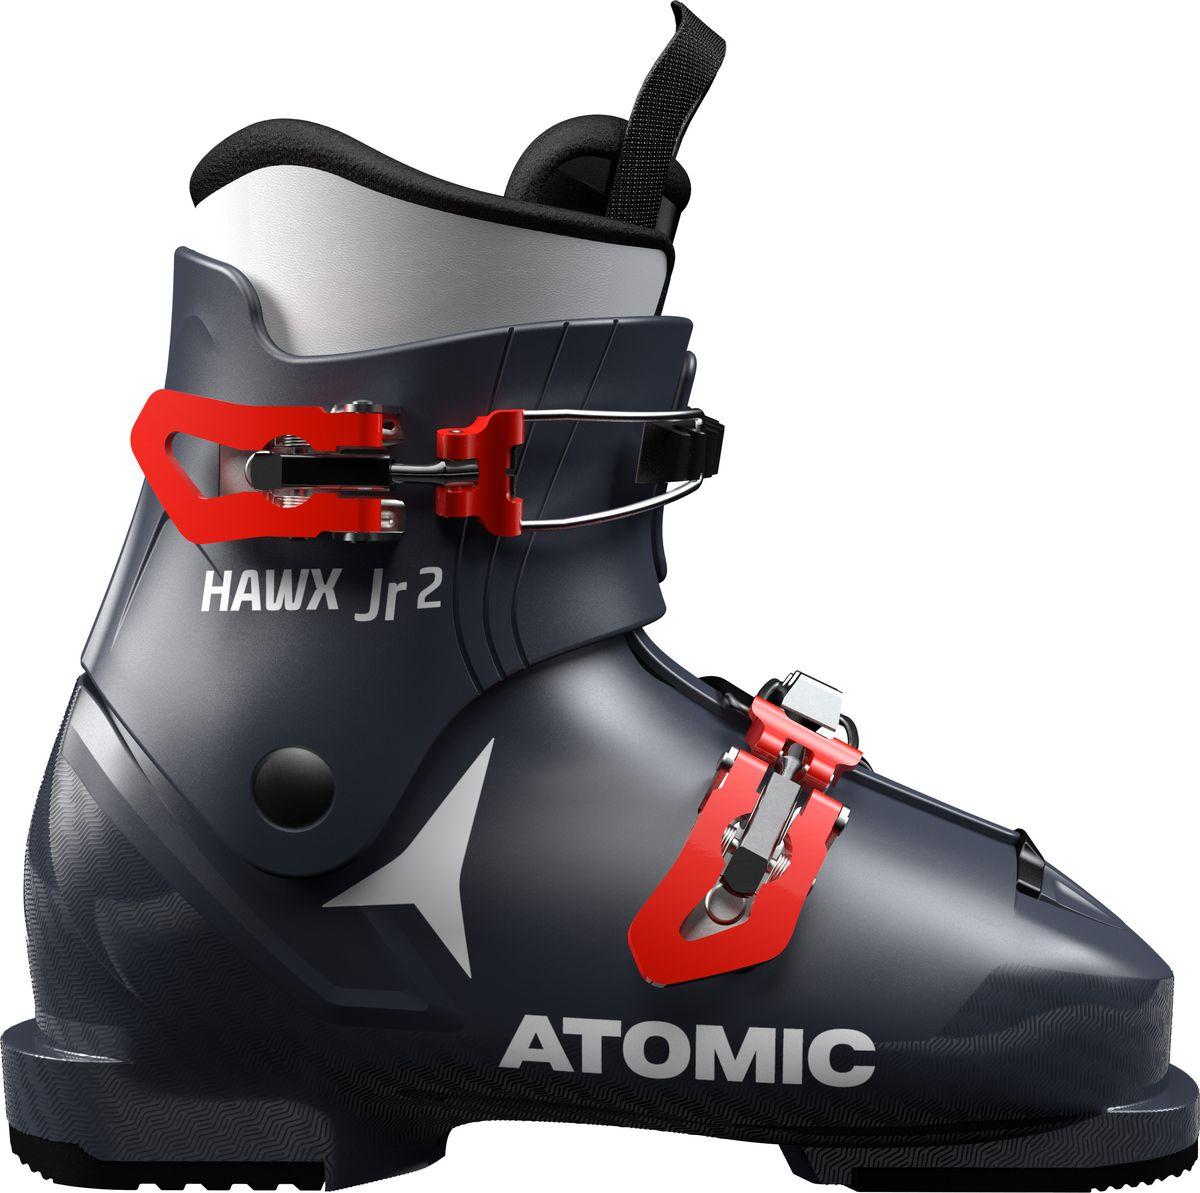 Ботинки горнолыжные Atomic Hawx Jr 2, цвет: темно-синий, зеленый. Размер 29,5/30 горнолыжные ботинки atomic atomic hawx jr 1